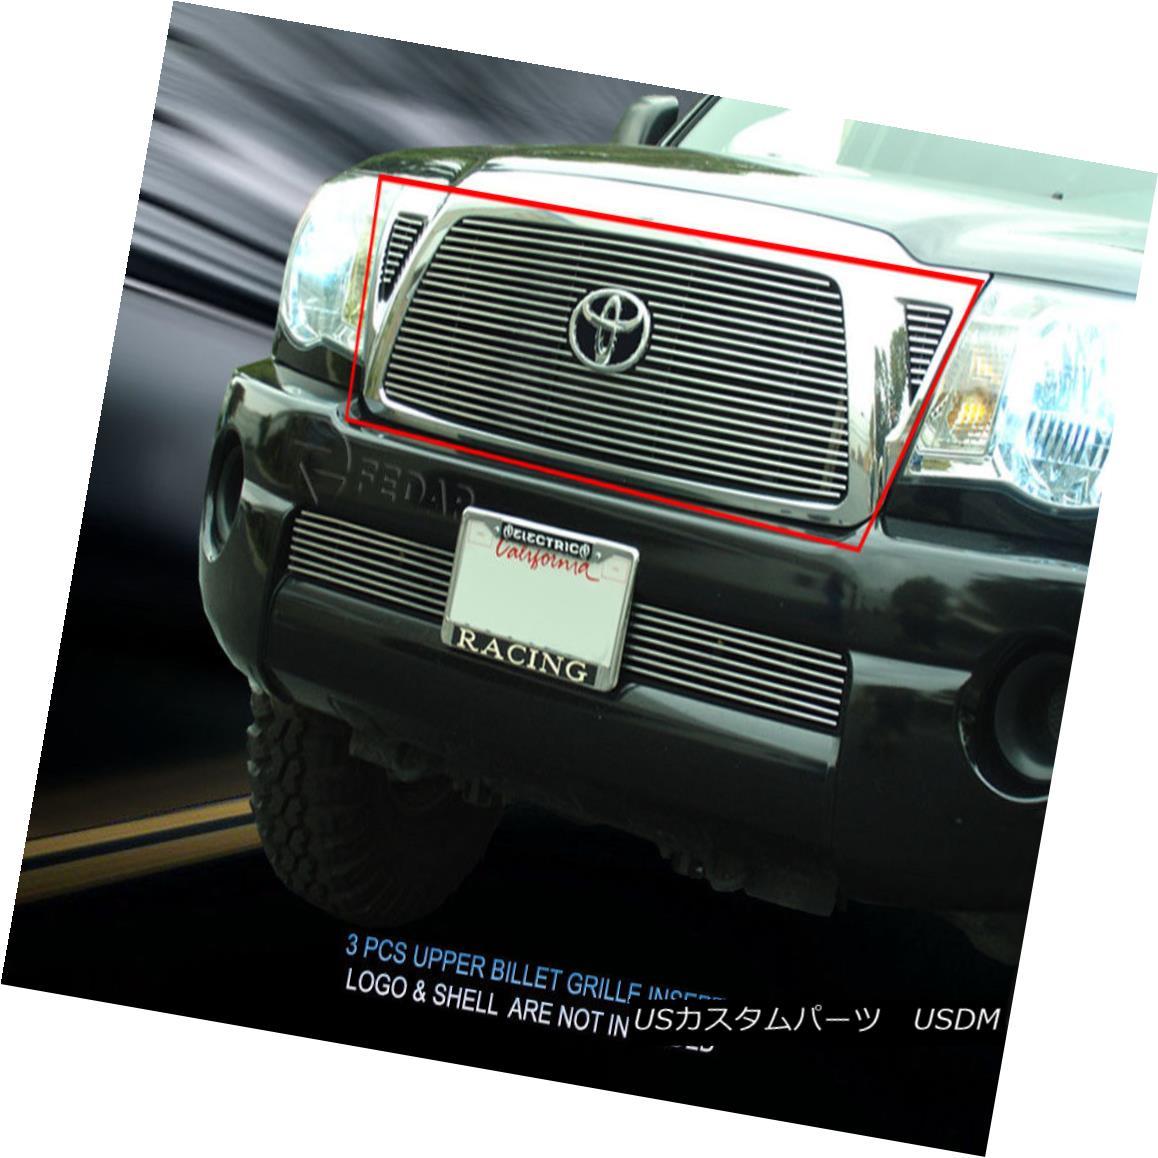 グリル Fits 2005-2010 Toyota Tacoma Billet Grille Grill Fedar 2005-2010年に合うトヨタタコマビレットグリルグリルフェルダー